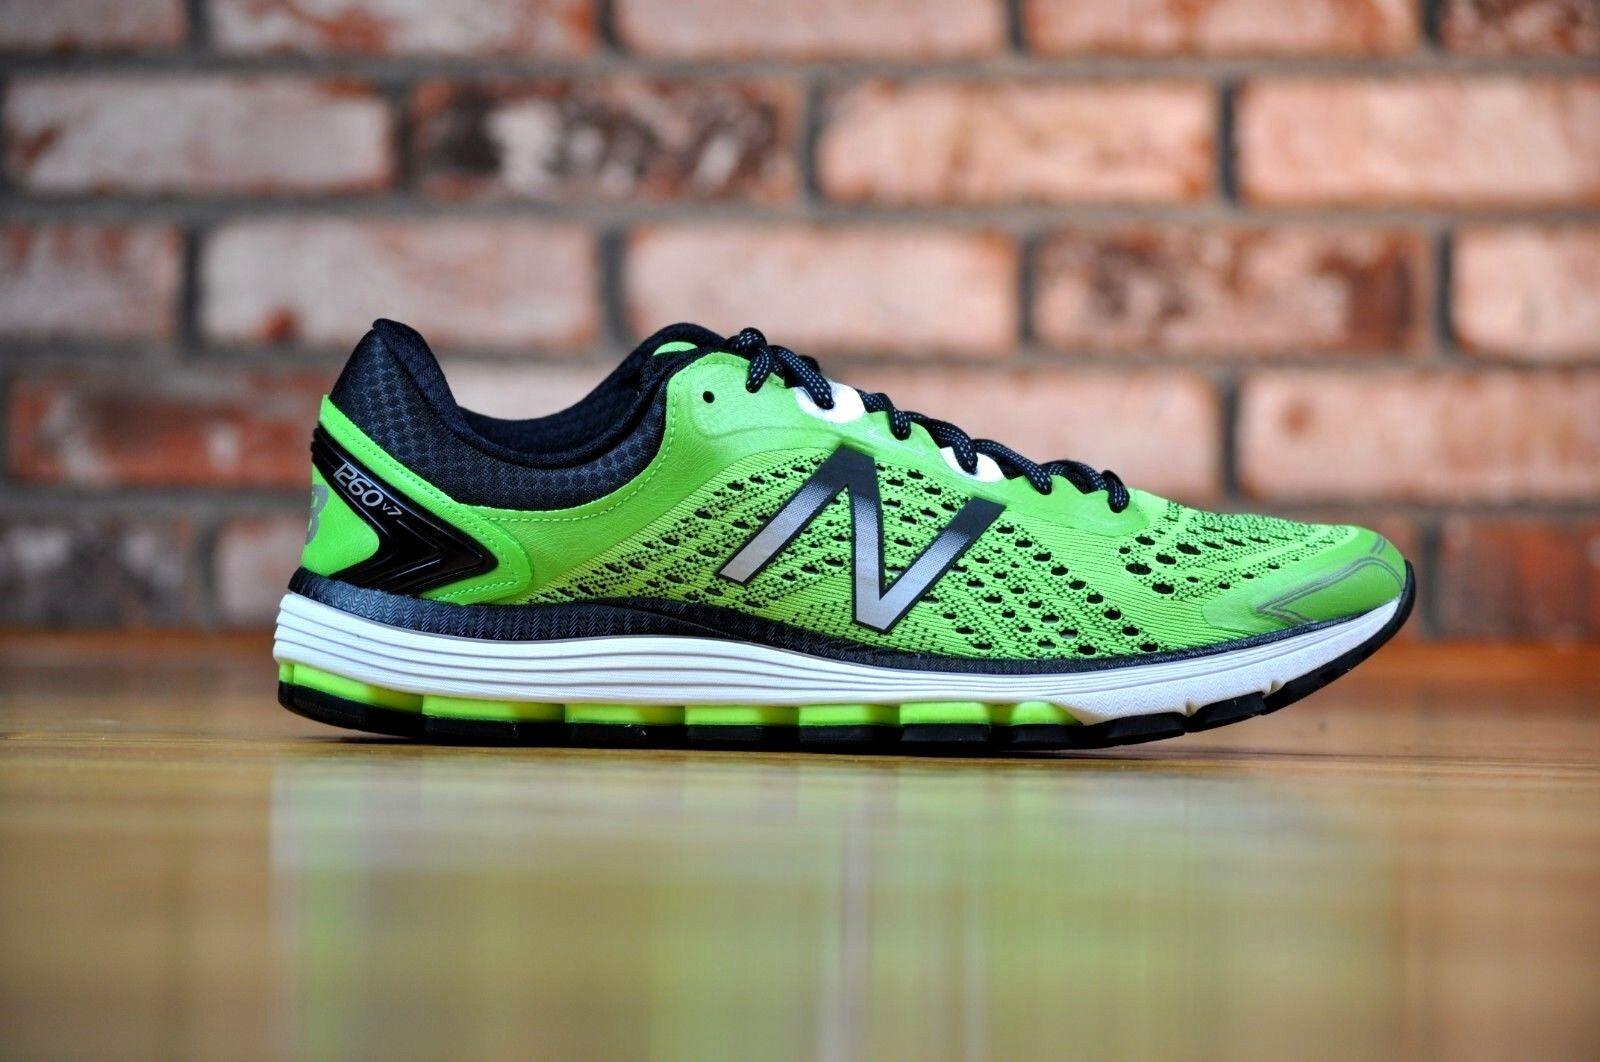 1260v7 energía Cal Negro New Balance pasear Running zapatos M1260GB7 para hombre Talla 10 D